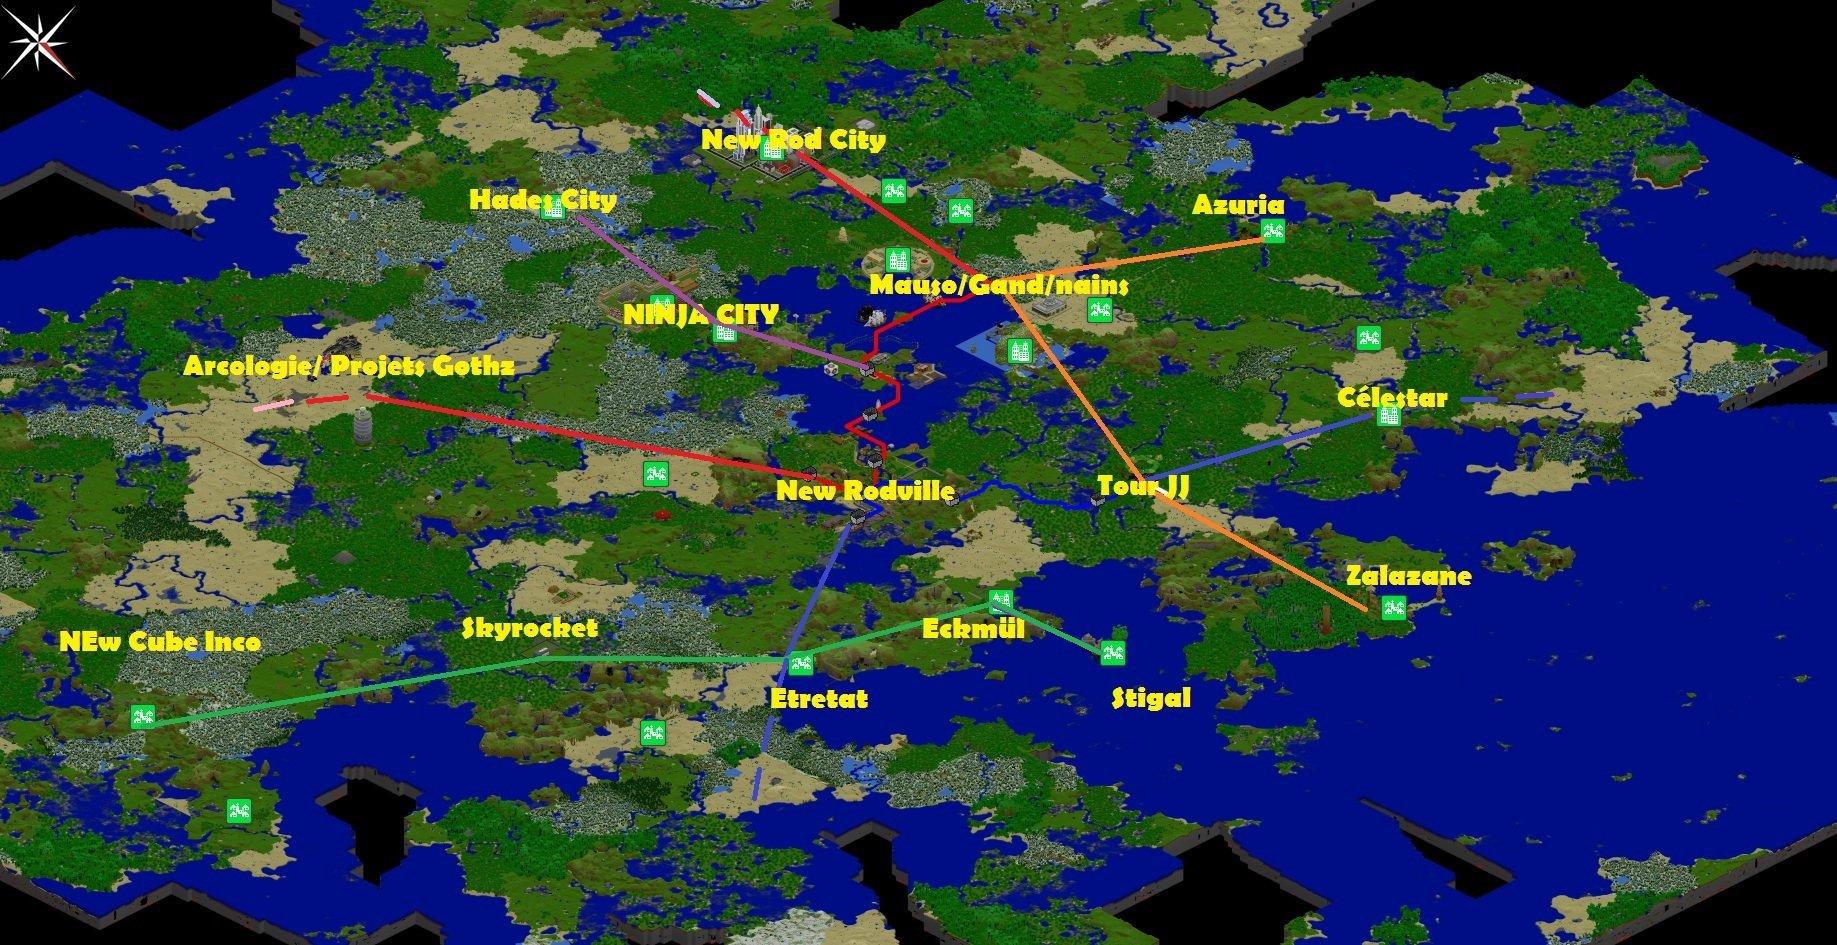 Nouvelles lignes à New Rodville (suite) 402b9b93-bbfc-43a1-9507-344dc02362d9